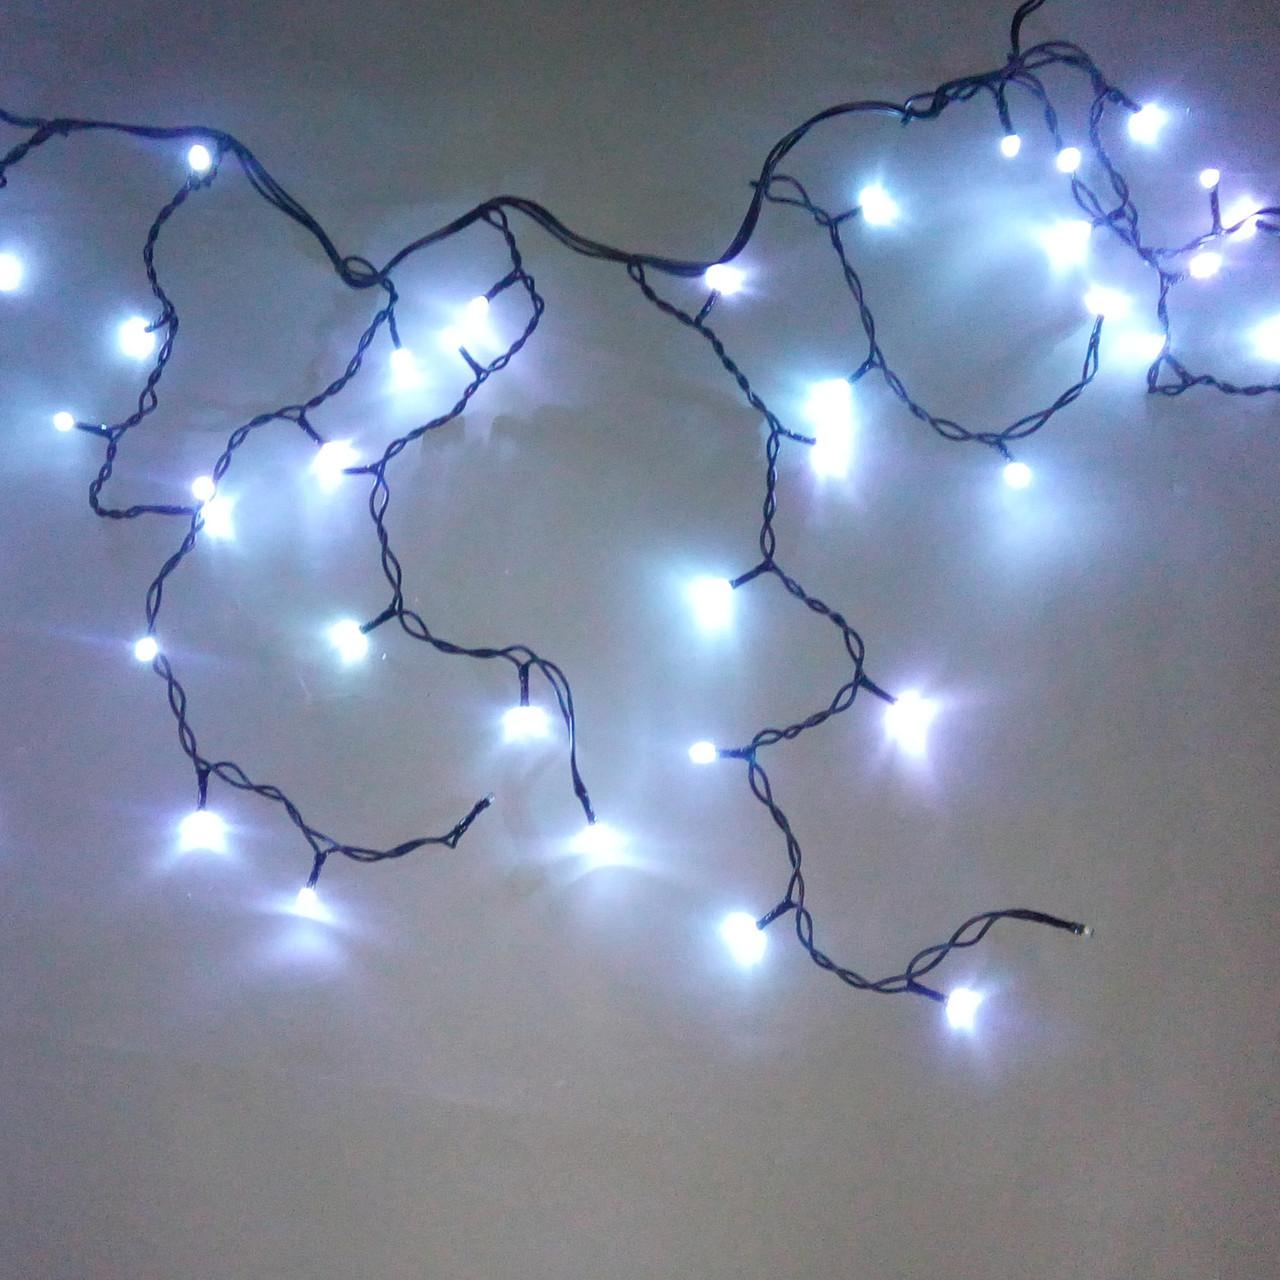 Светодиодная гирлянда Бахрома Шестигранник 3х0.5 м, Белая/Черный ПВХ